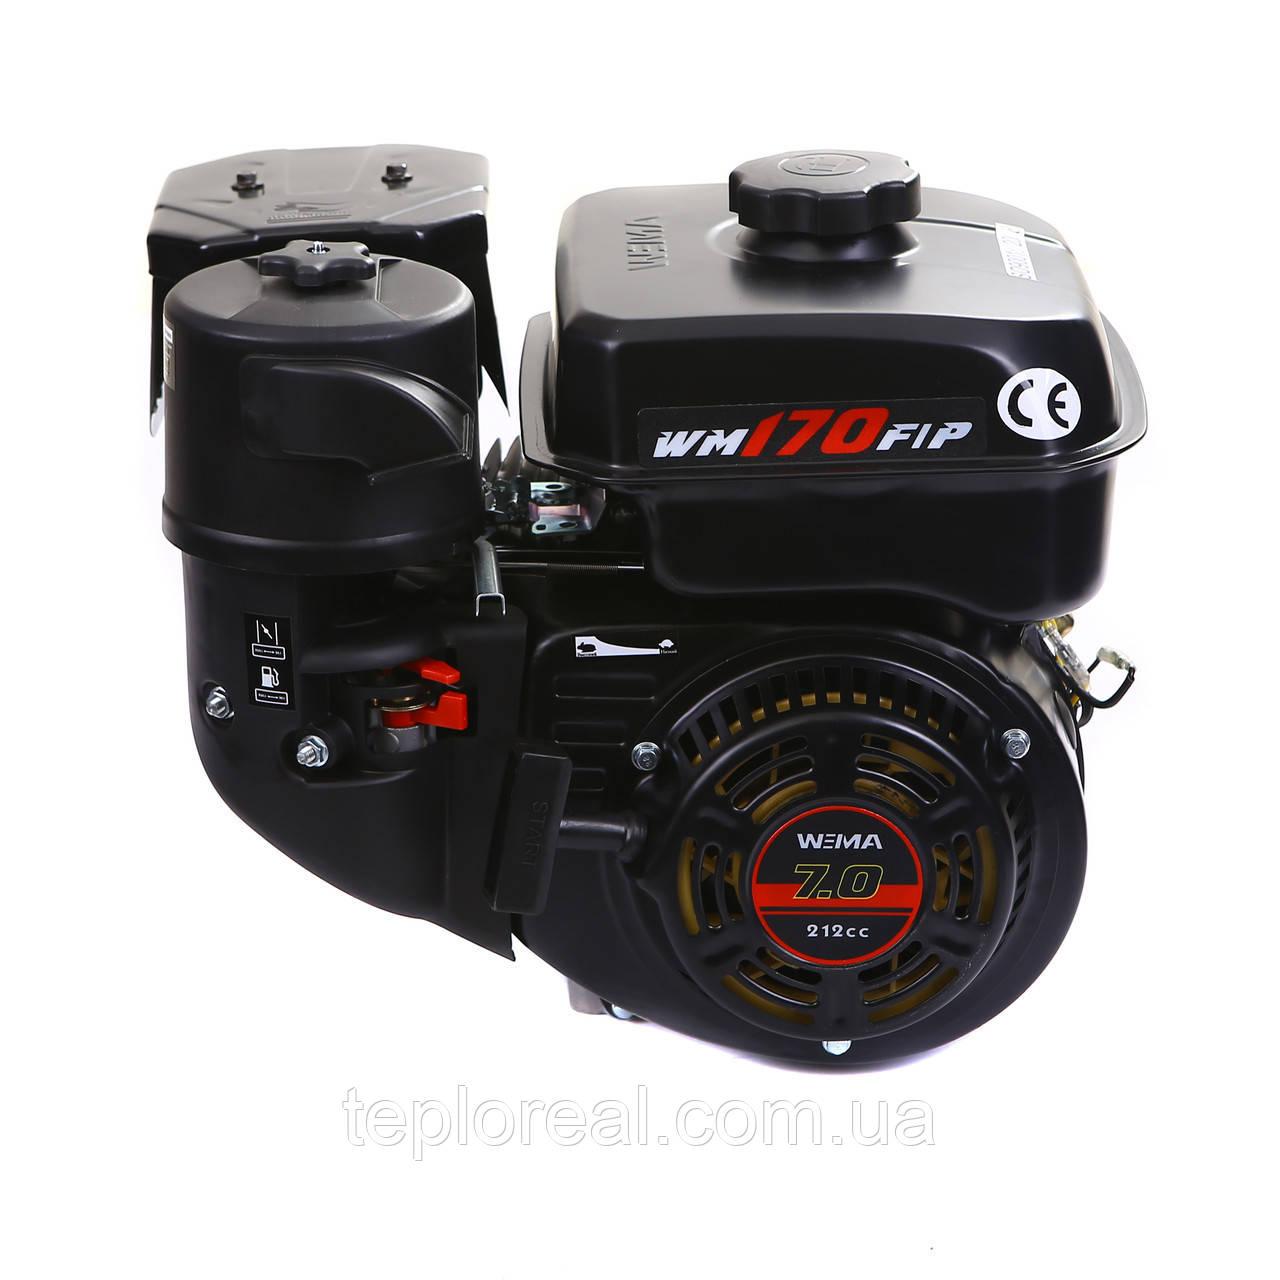 Двигатель бензиновый WEIMA(Вейма) WM170F-Т DELUXE (7,0 л.с.под шлиц ф 20 мм) к мотоблоку